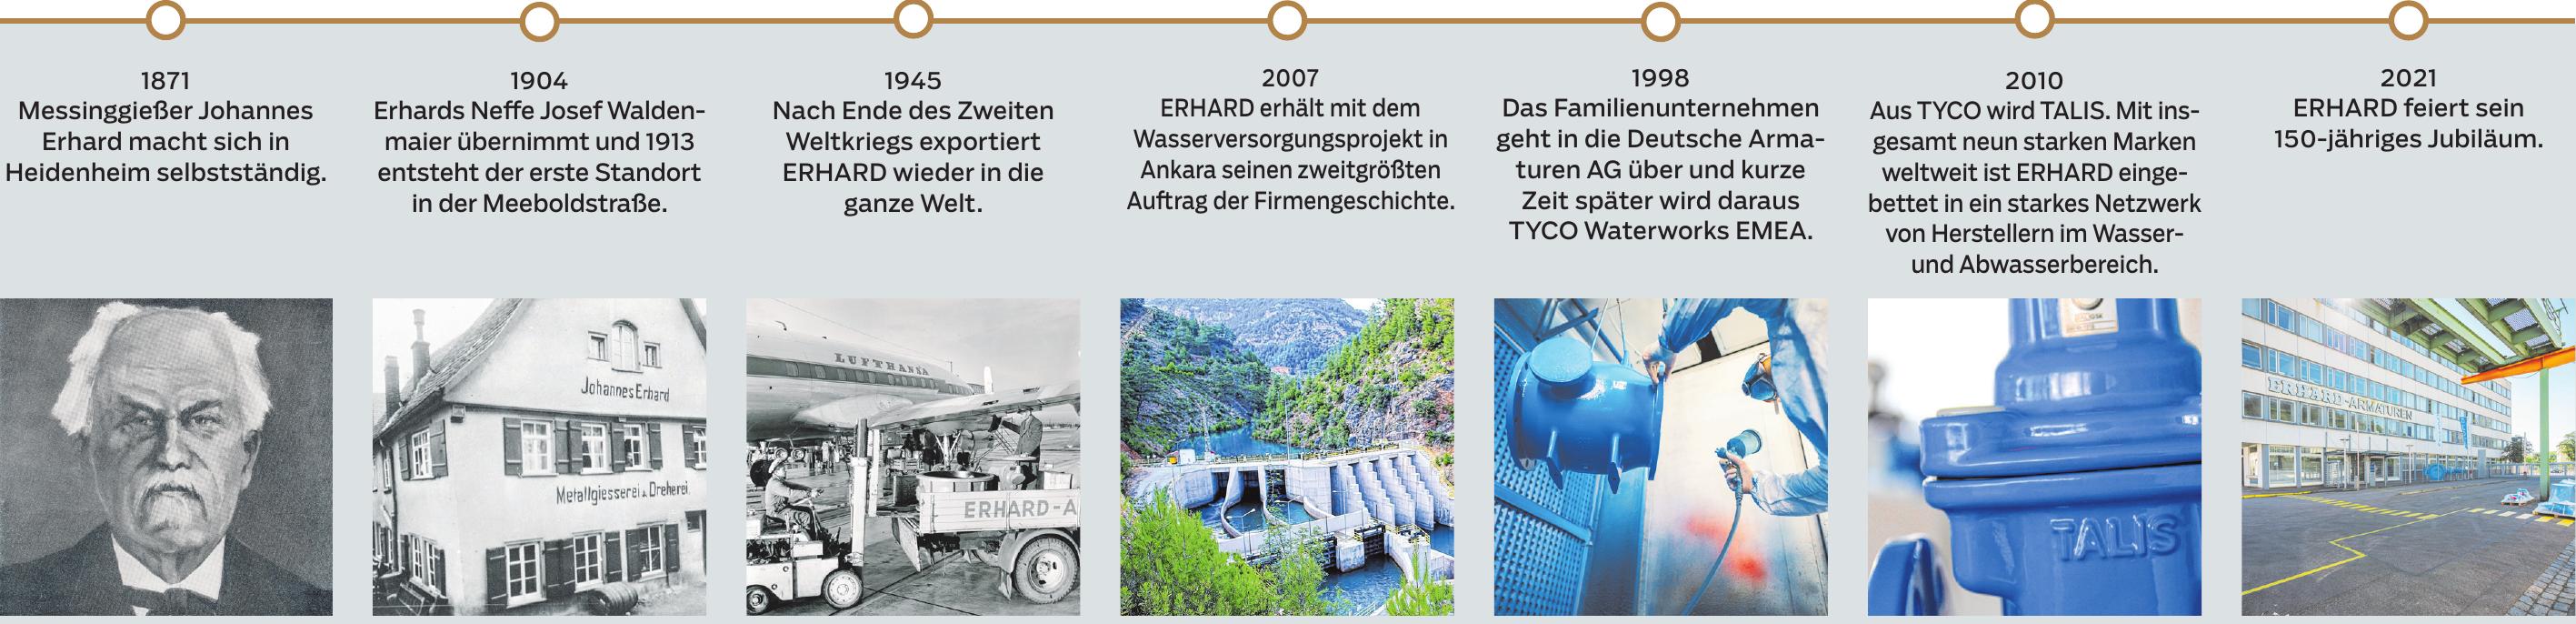 150 Jahre Erhard Armaturen Image 6